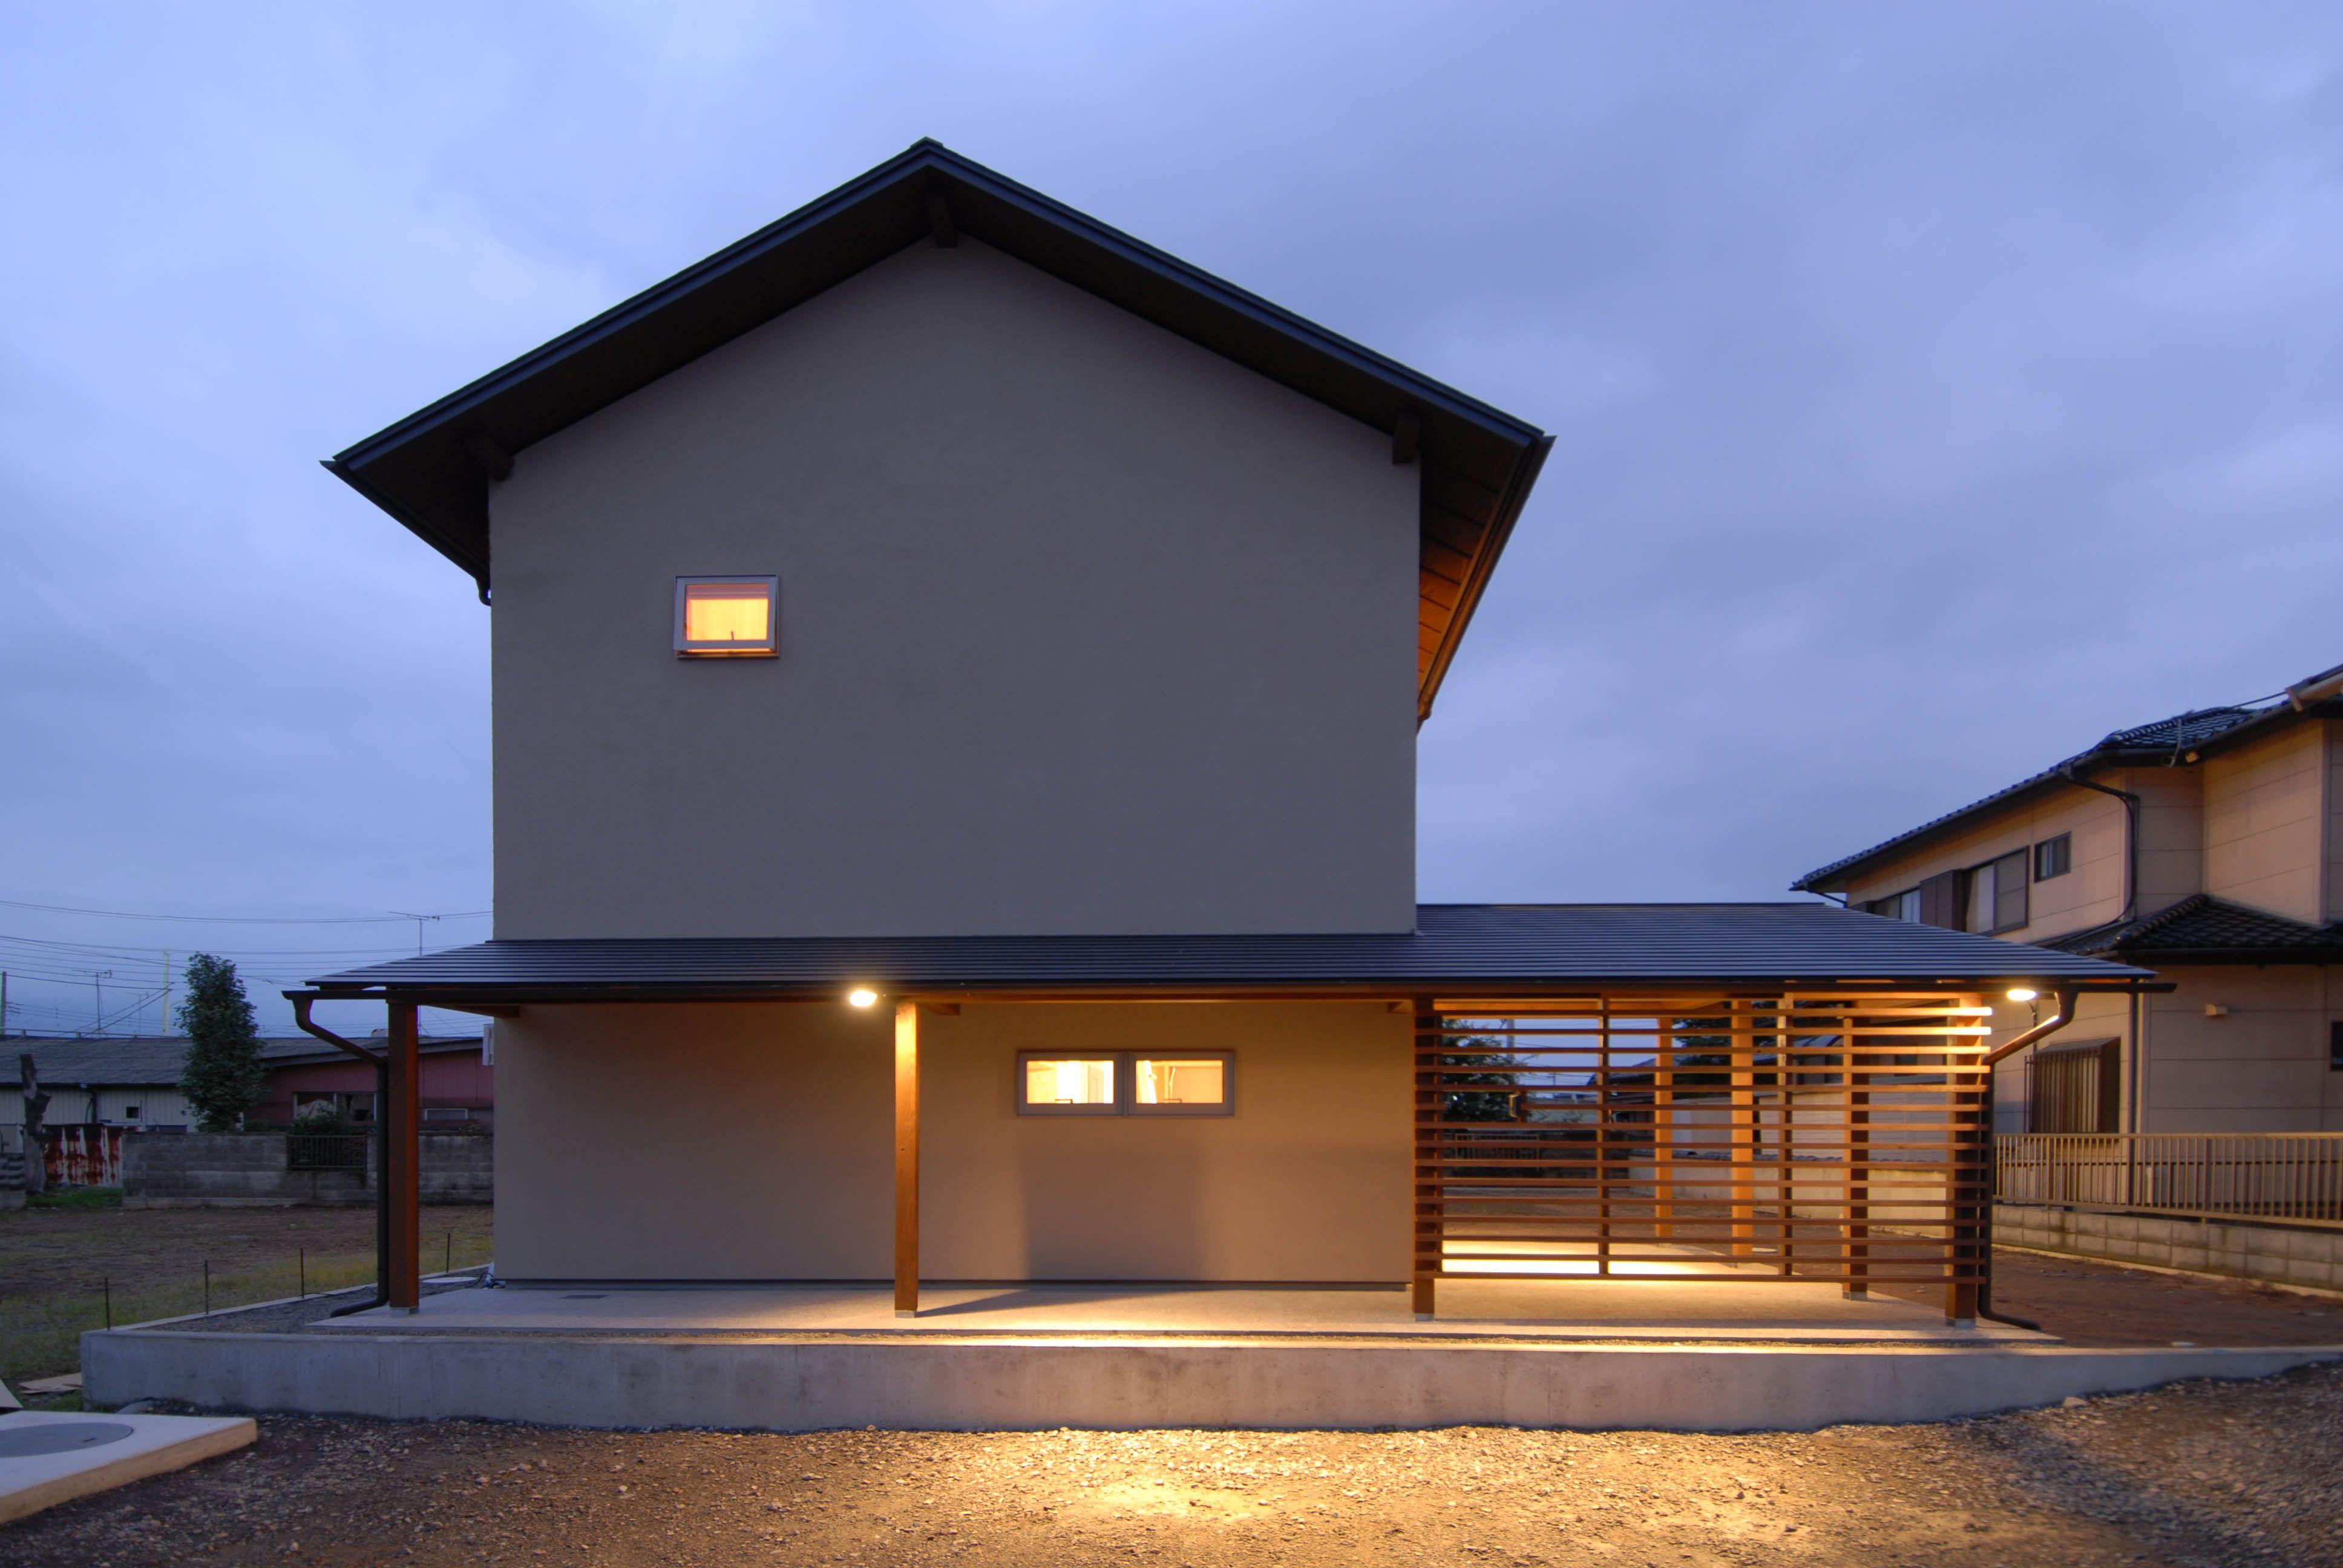 境栄の家 和モダンな家 モダン ホームウェア